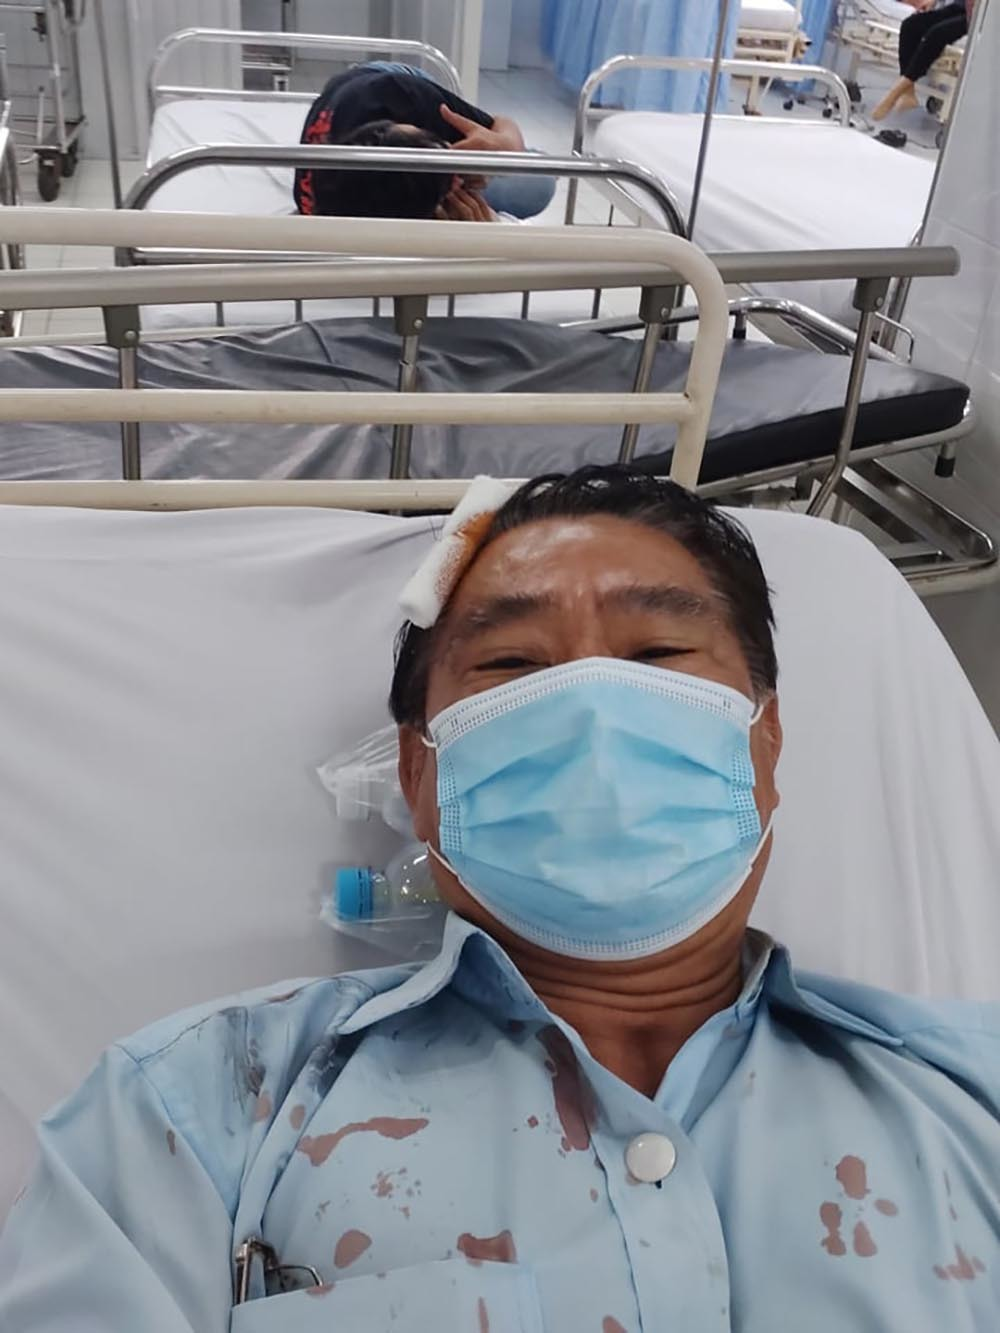 Ông Phạm Minh Việt không liên quan trong vụ sếp cơ sở cai nghiện bị đánh